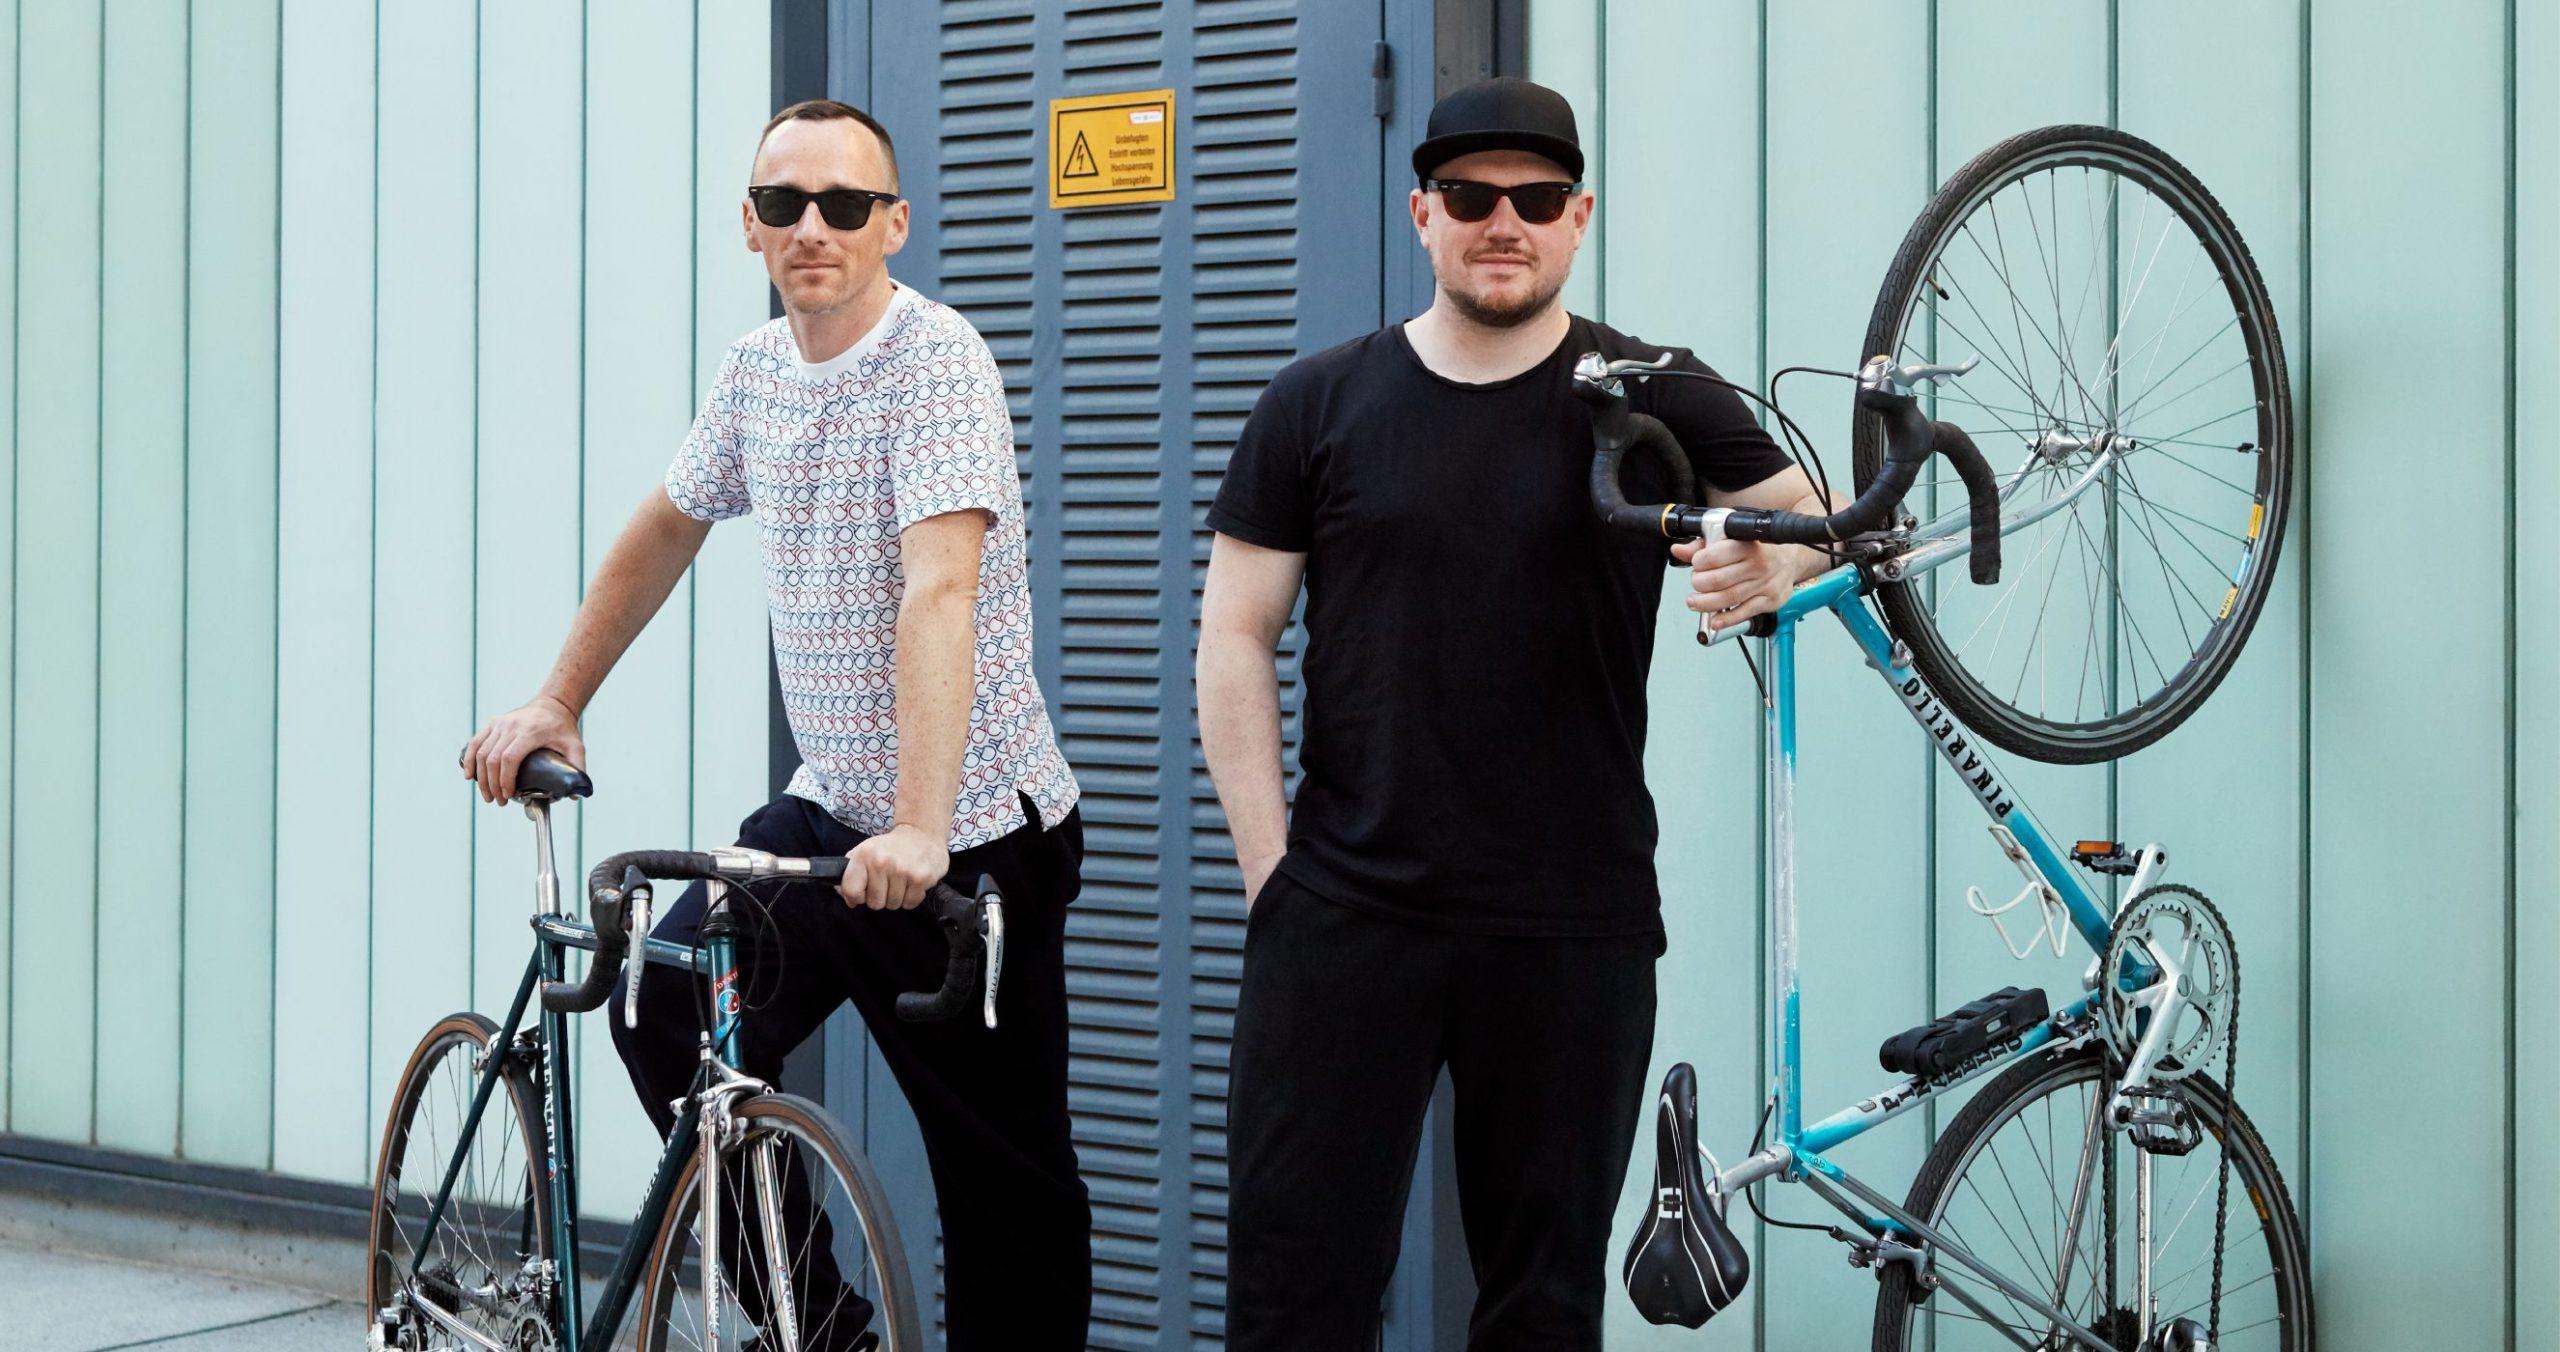 Die beiden Musiker der Band Ogris Debris mit ihren Fahrrädern. #warumfährstDUnicht. Foto von Ian Ehm